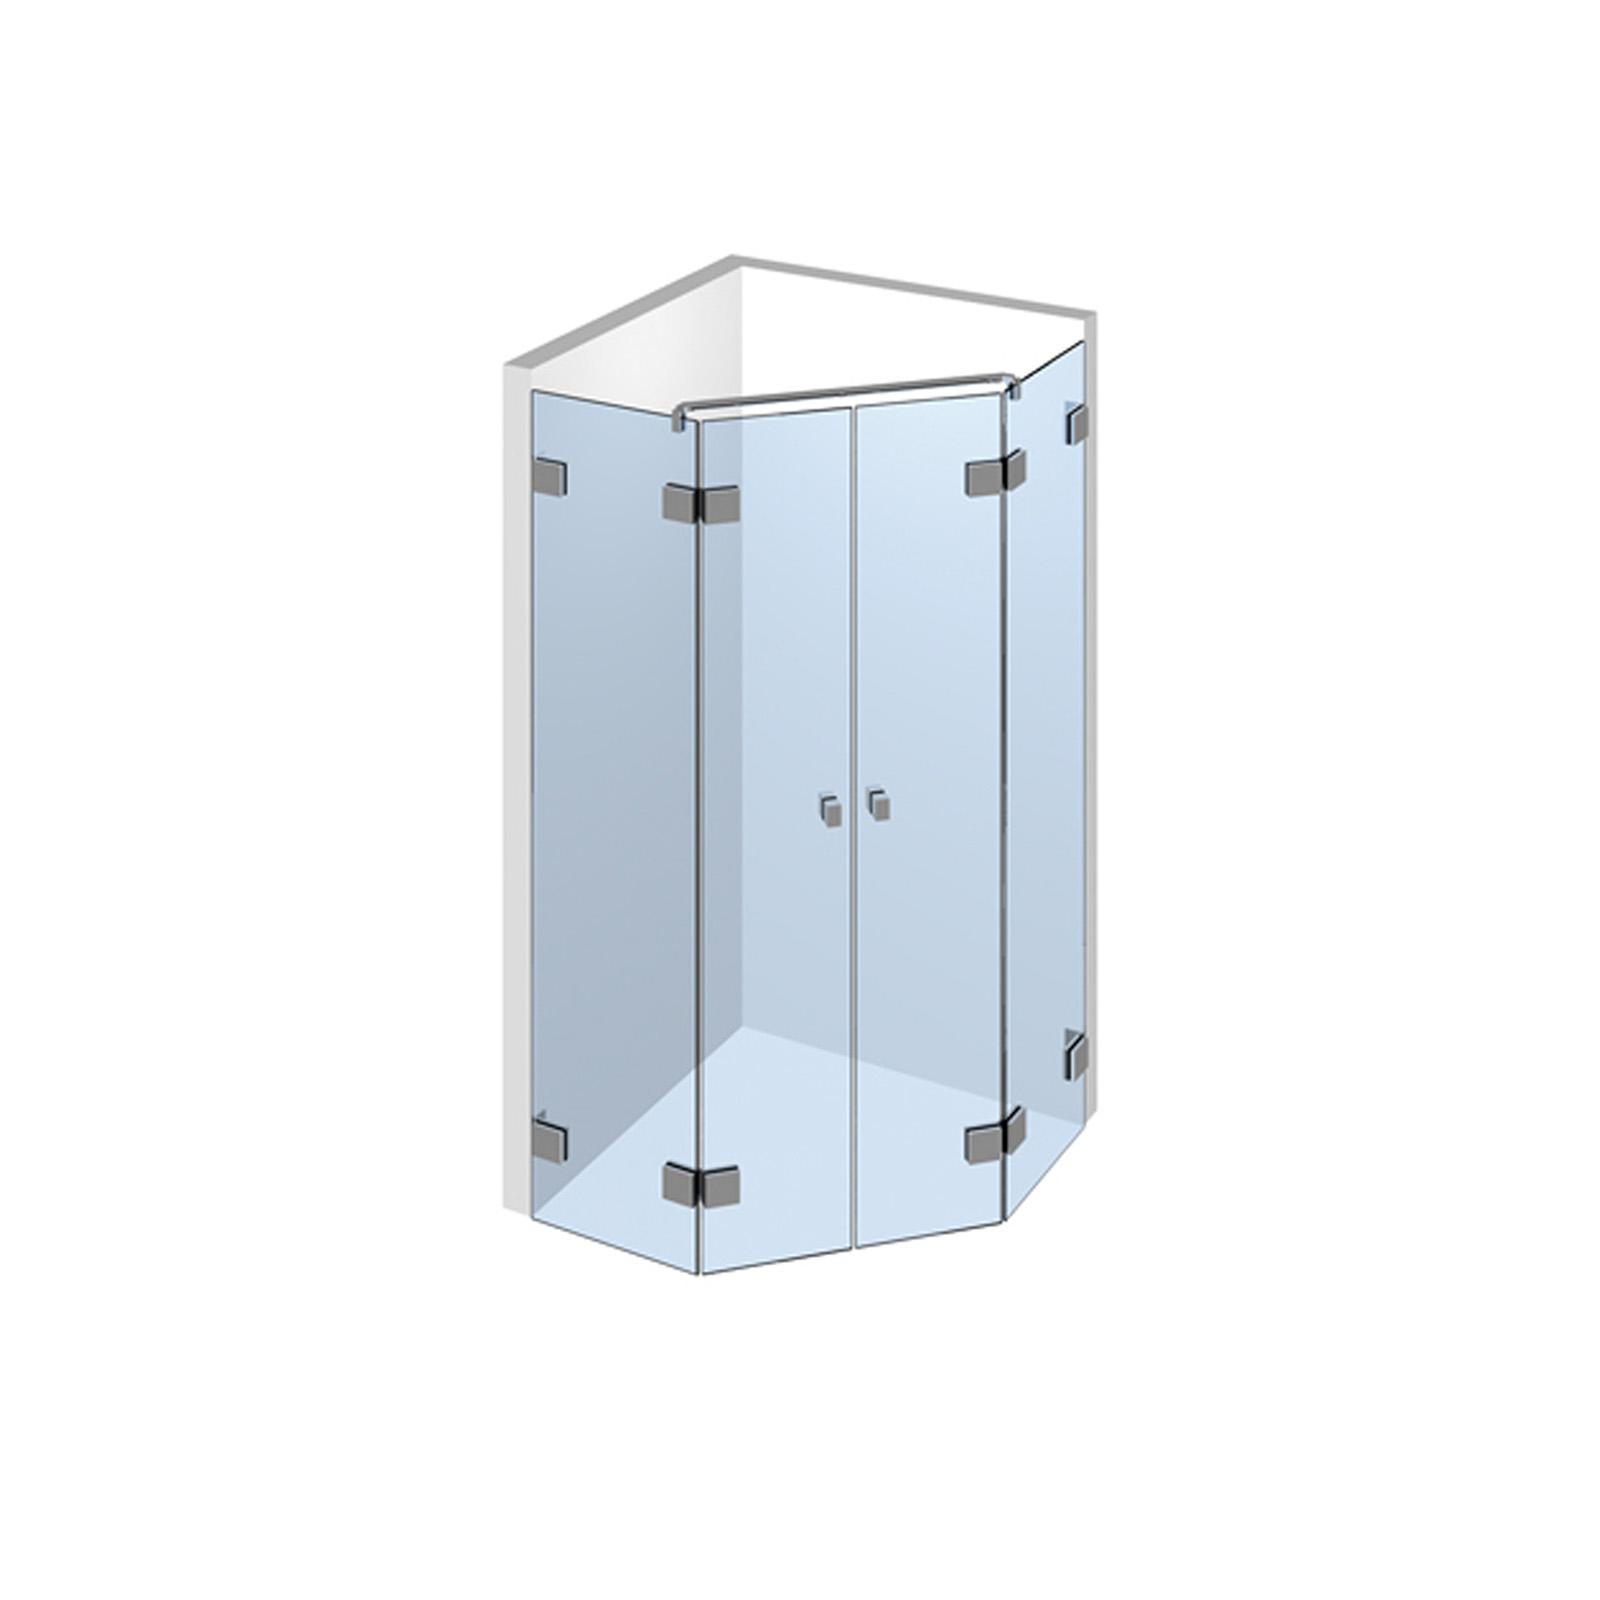 echtglasdusche typ 303 weitere aus glas duschkabinen duschw nde. Black Bedroom Furniture Sets. Home Design Ideas